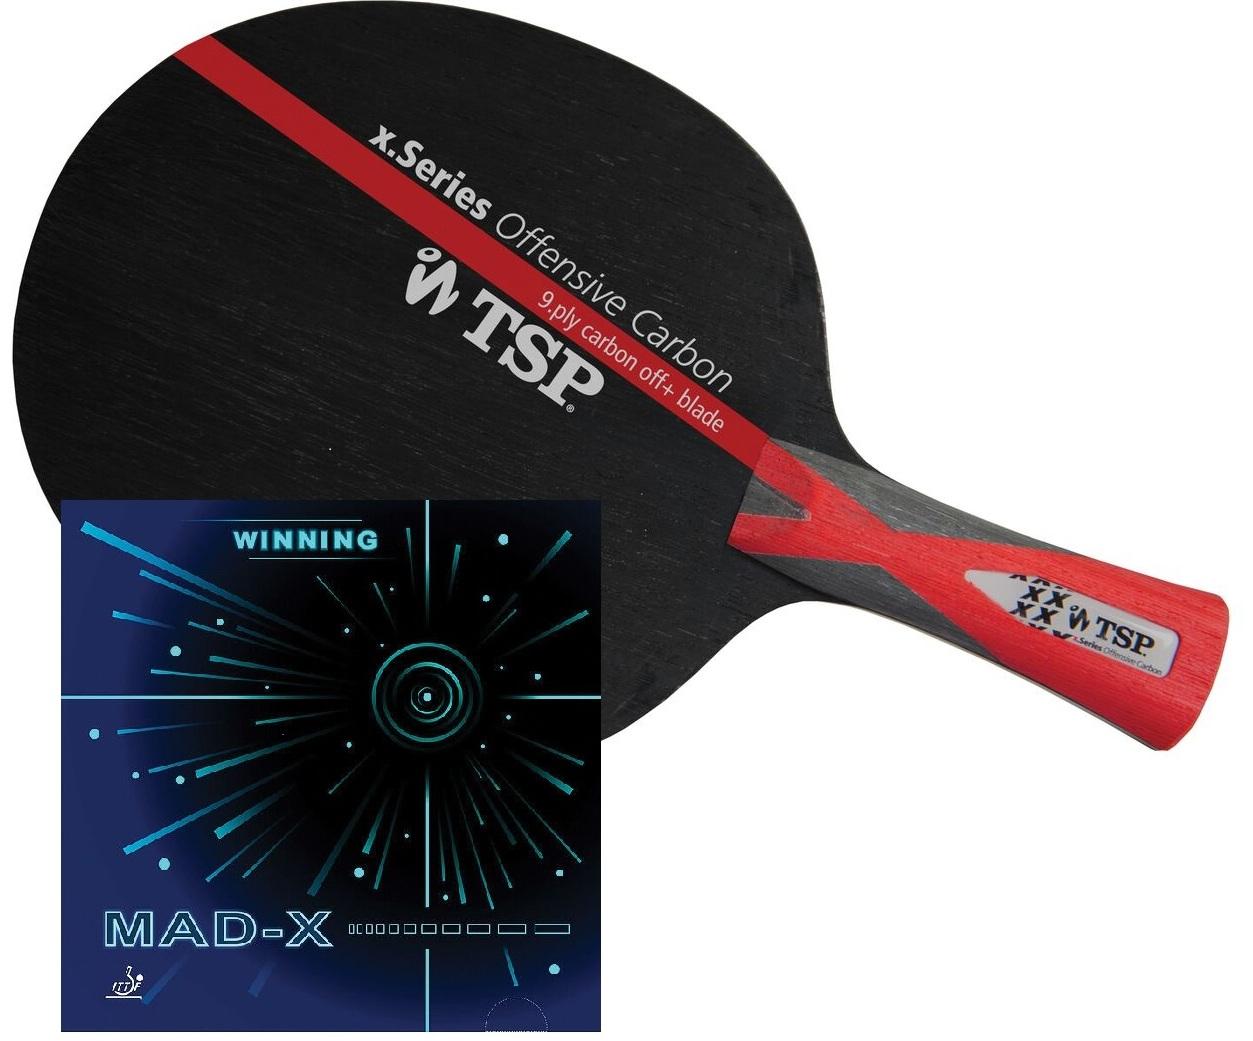 Mad X Table Tennis Bat